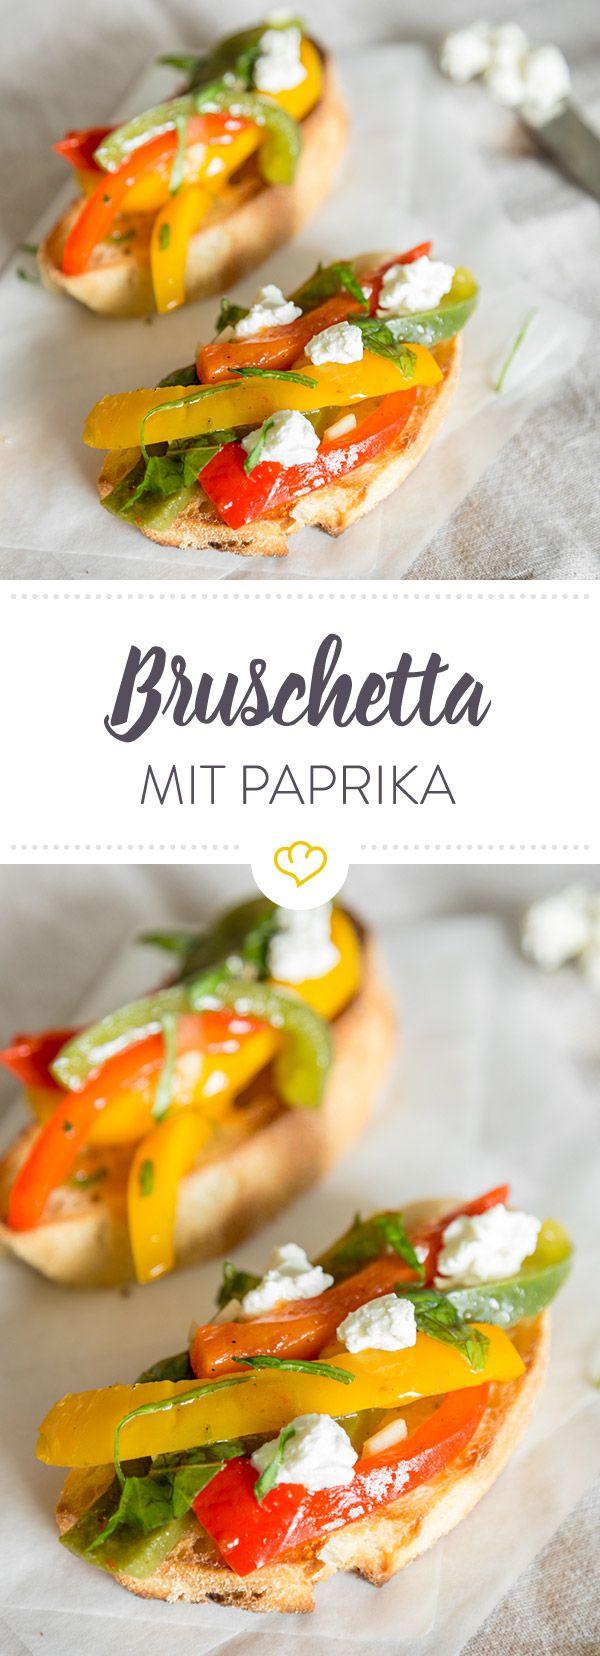 Frisch, einfach zu machen und so lecker: knusprige Bruschetta mit Frischkäse und ganz viel bunter Paprika.